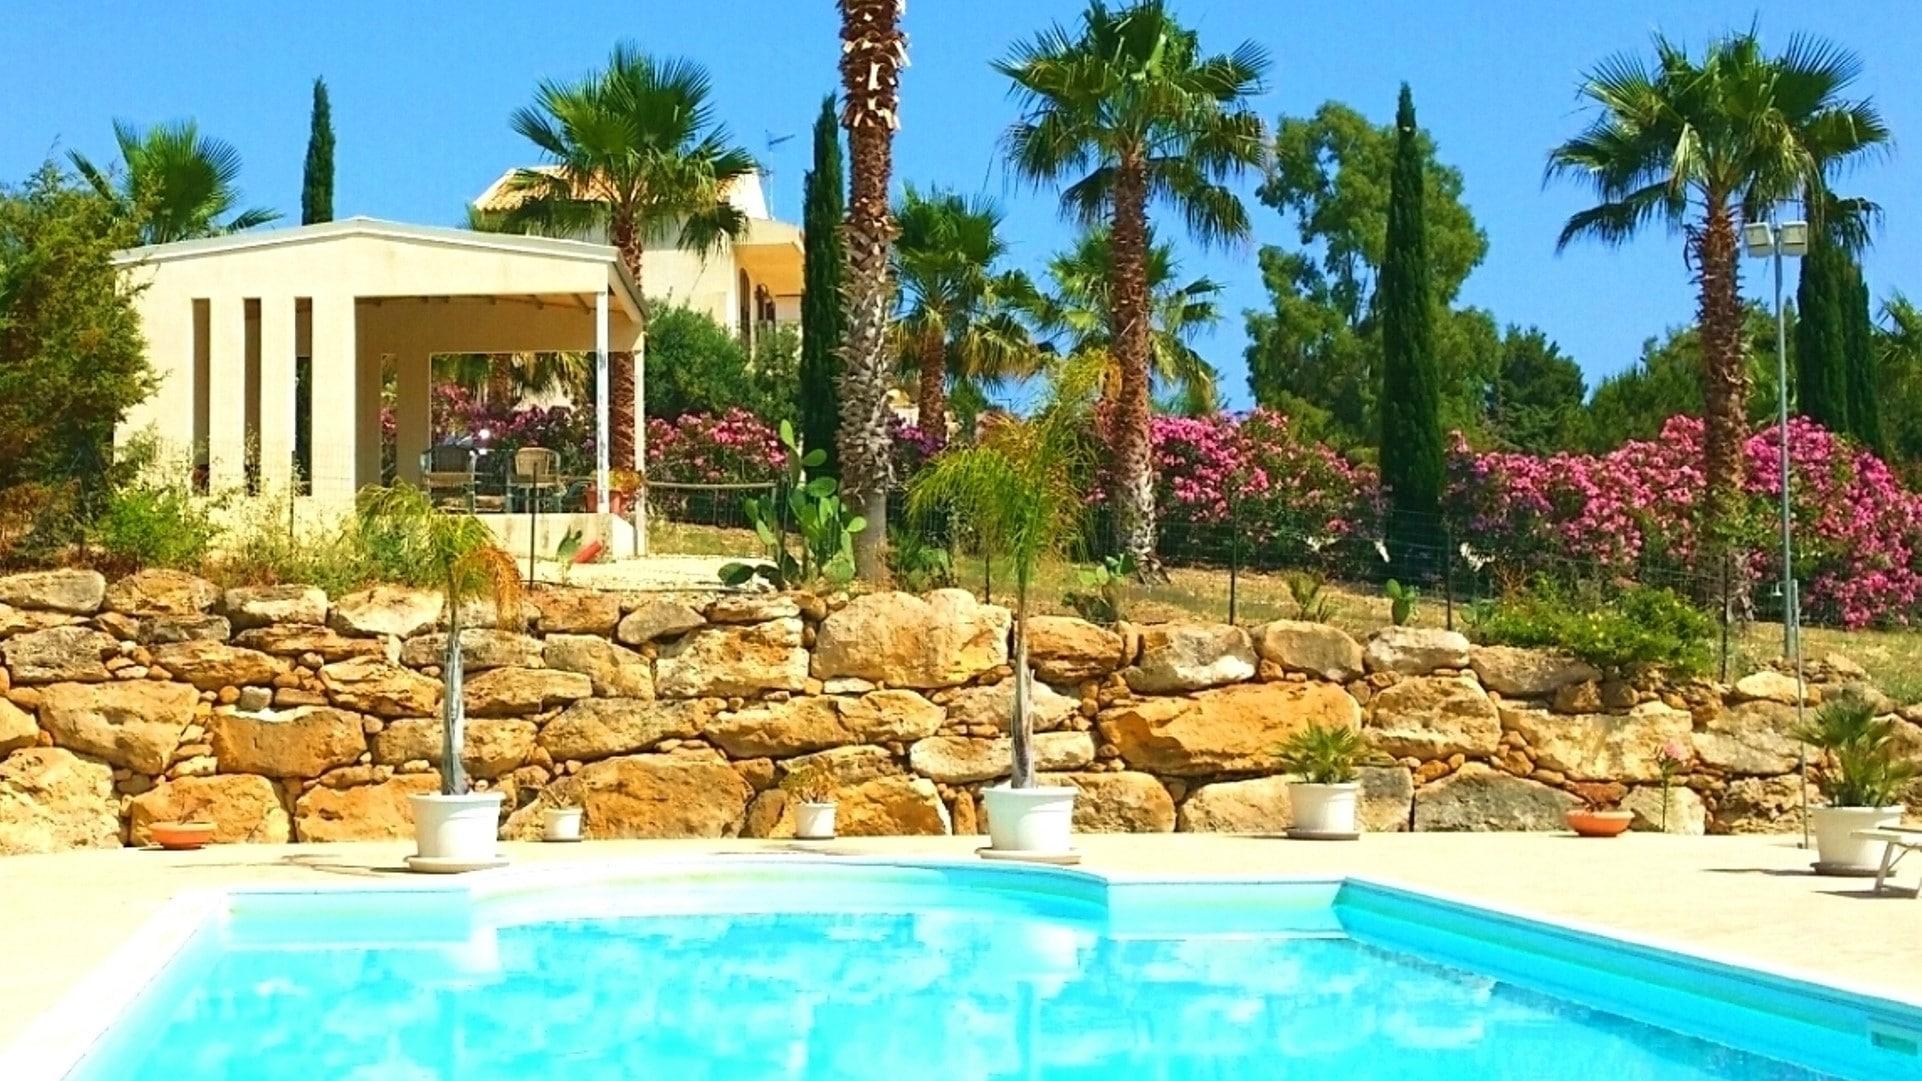 Migliori Vacanze in Sicilia